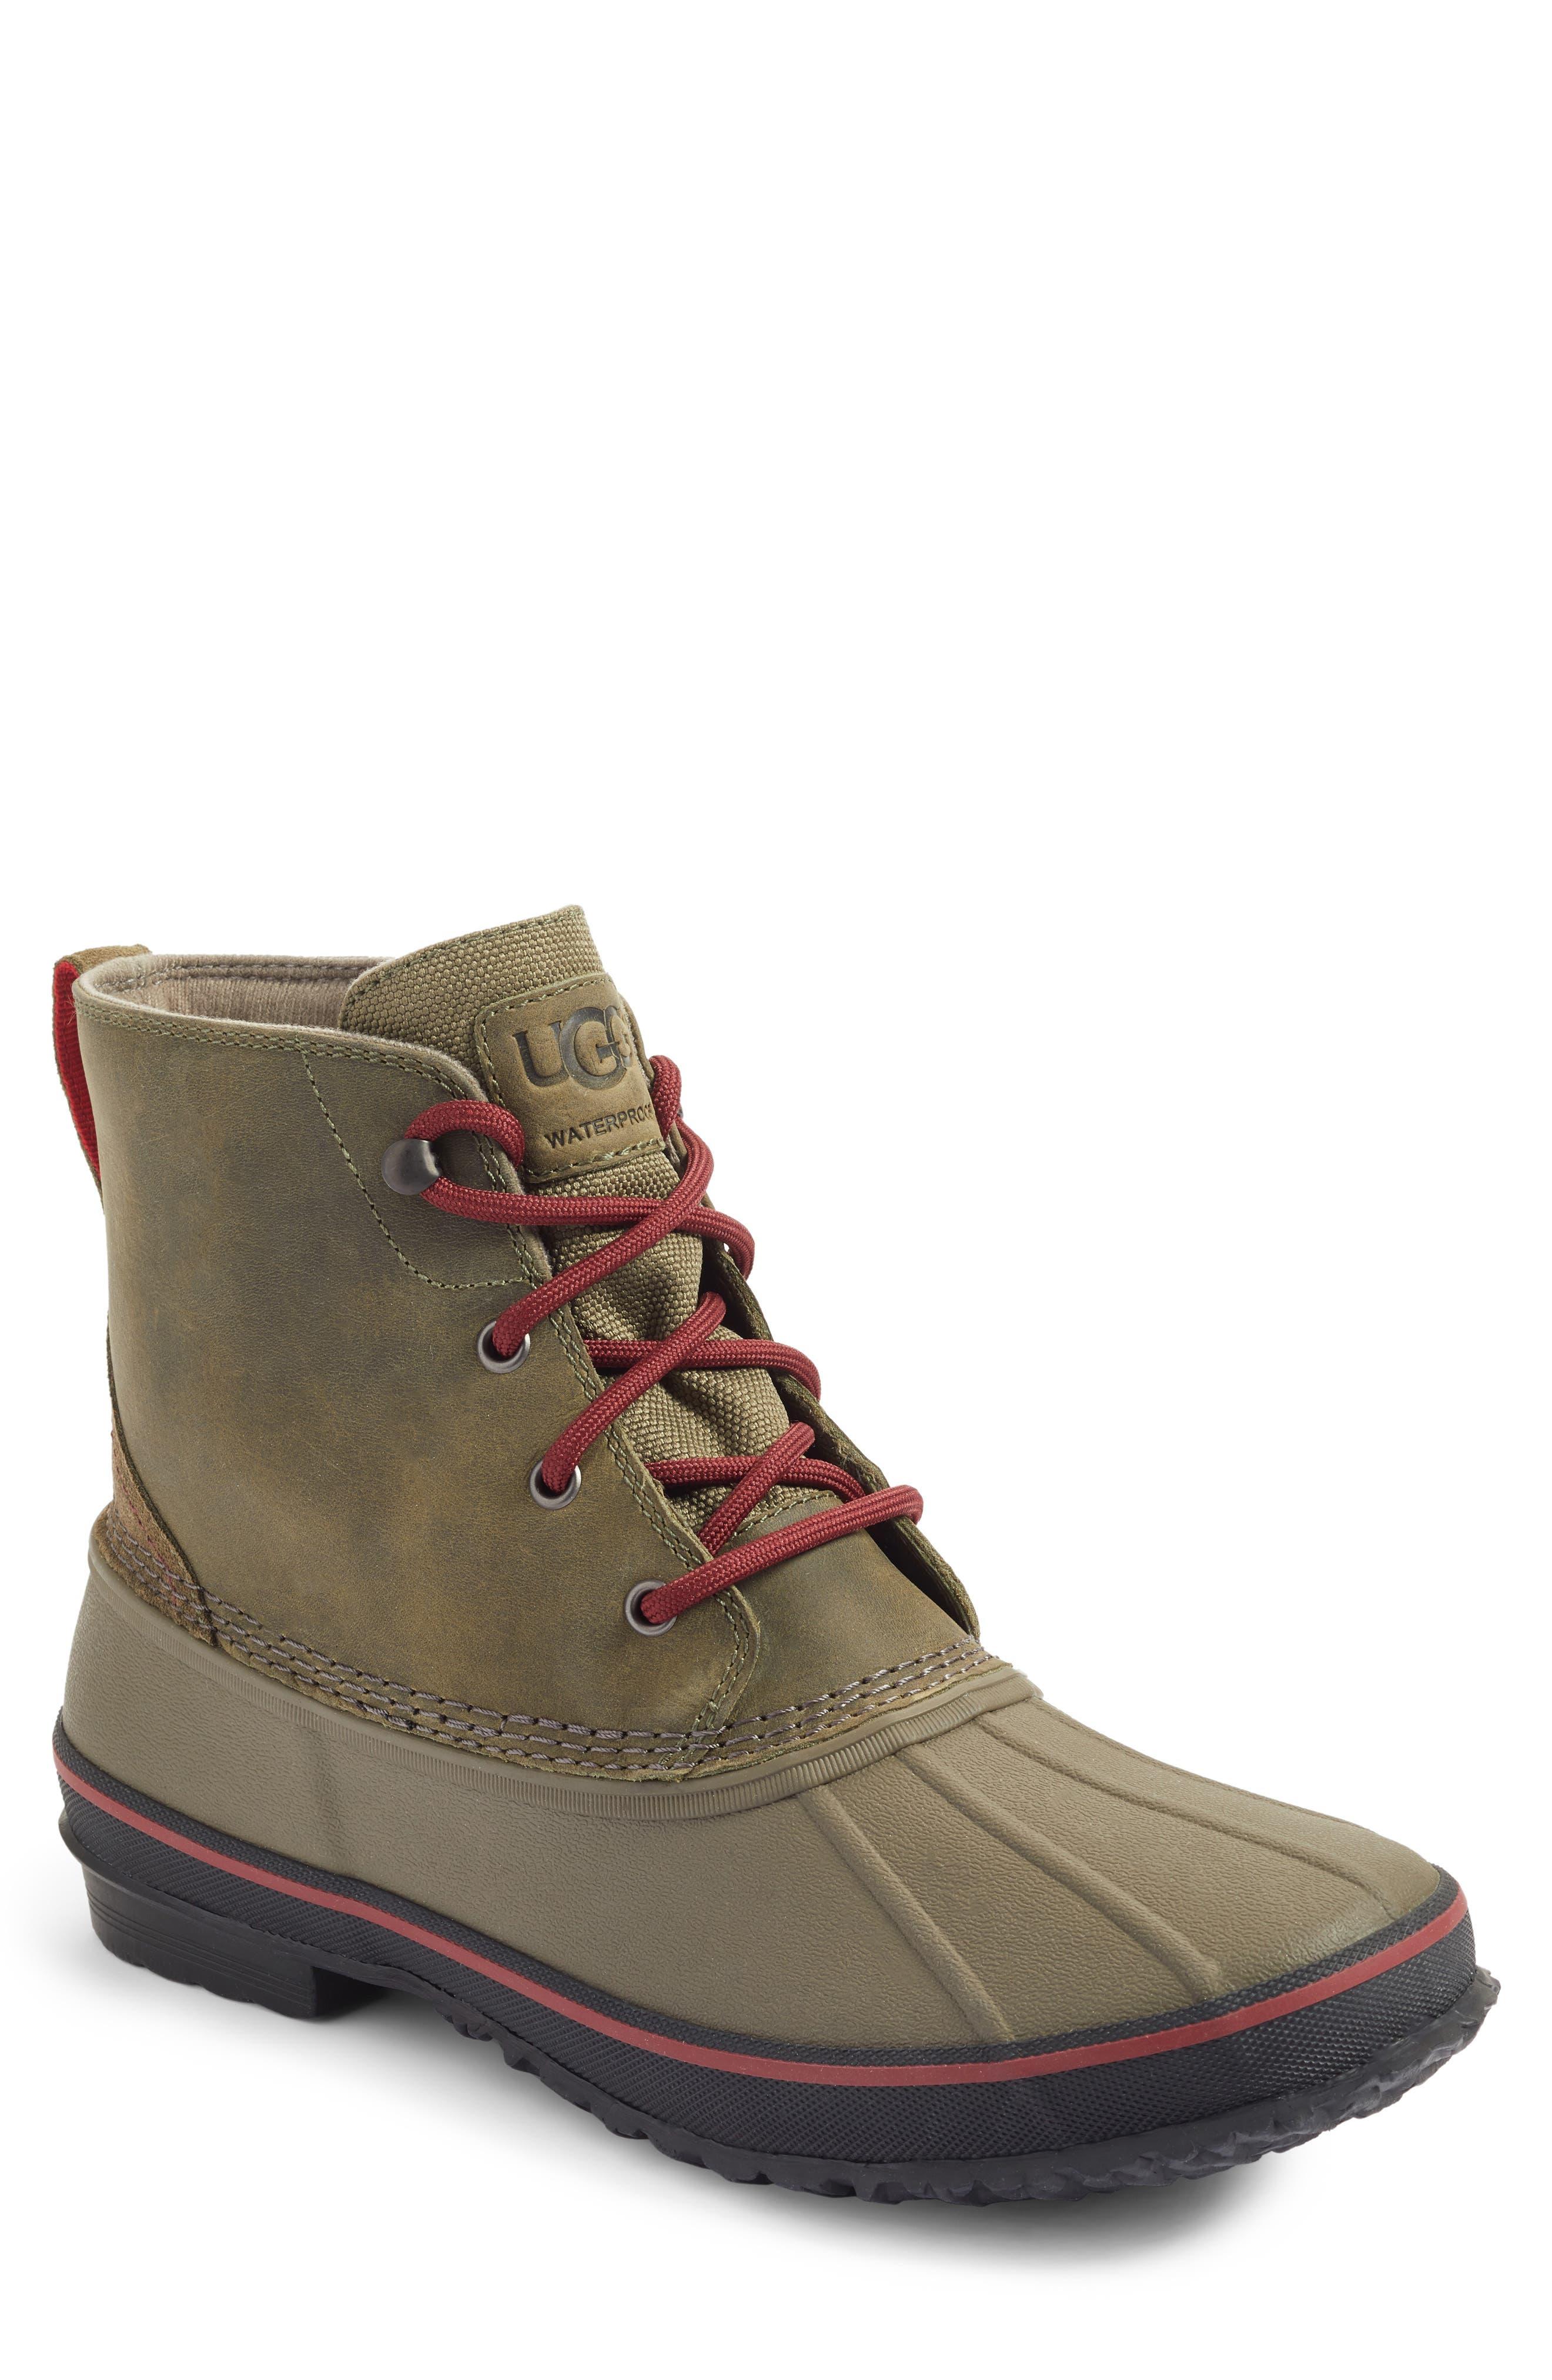 Zetik Rain Boot,                             Main thumbnail 1, color,                             Burnt Olive